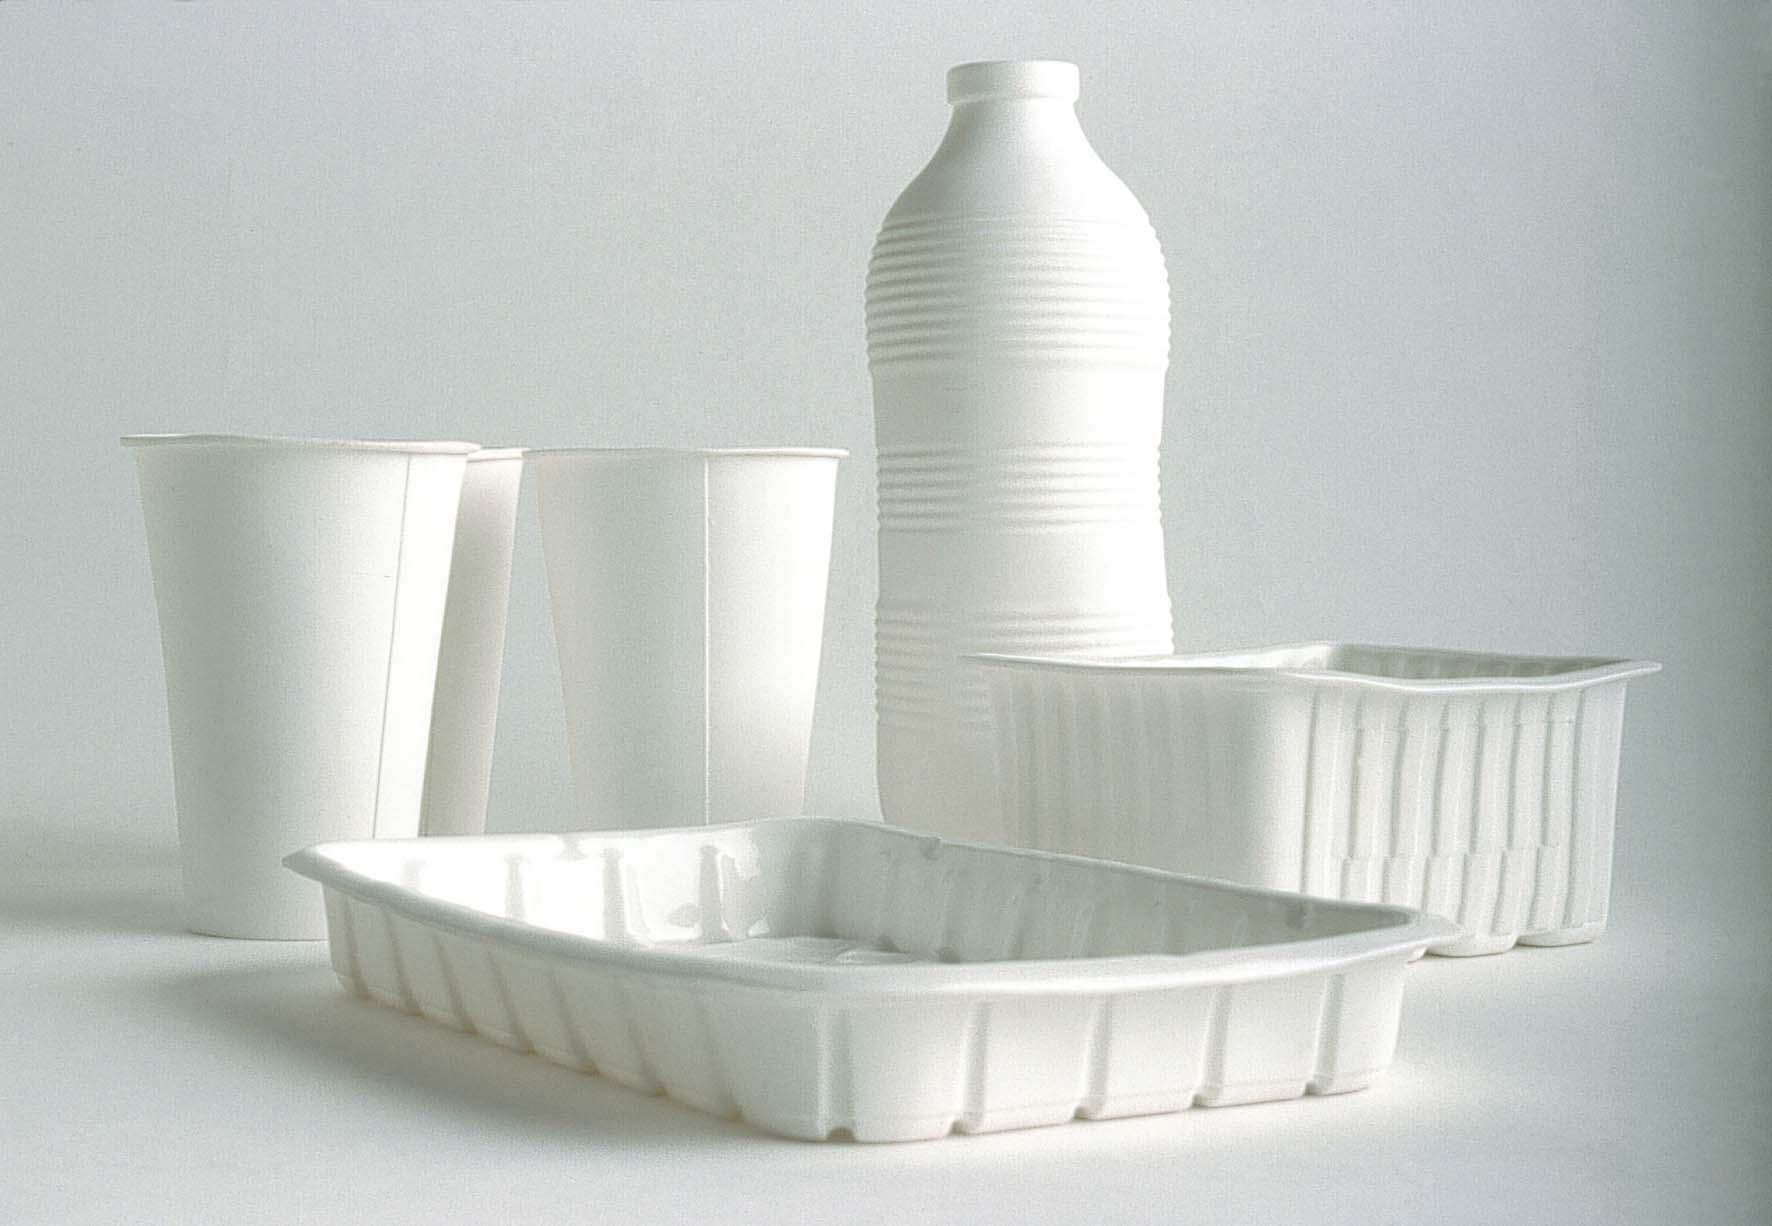 porcelaine_les objets blancs_Lucile Soufflet_1